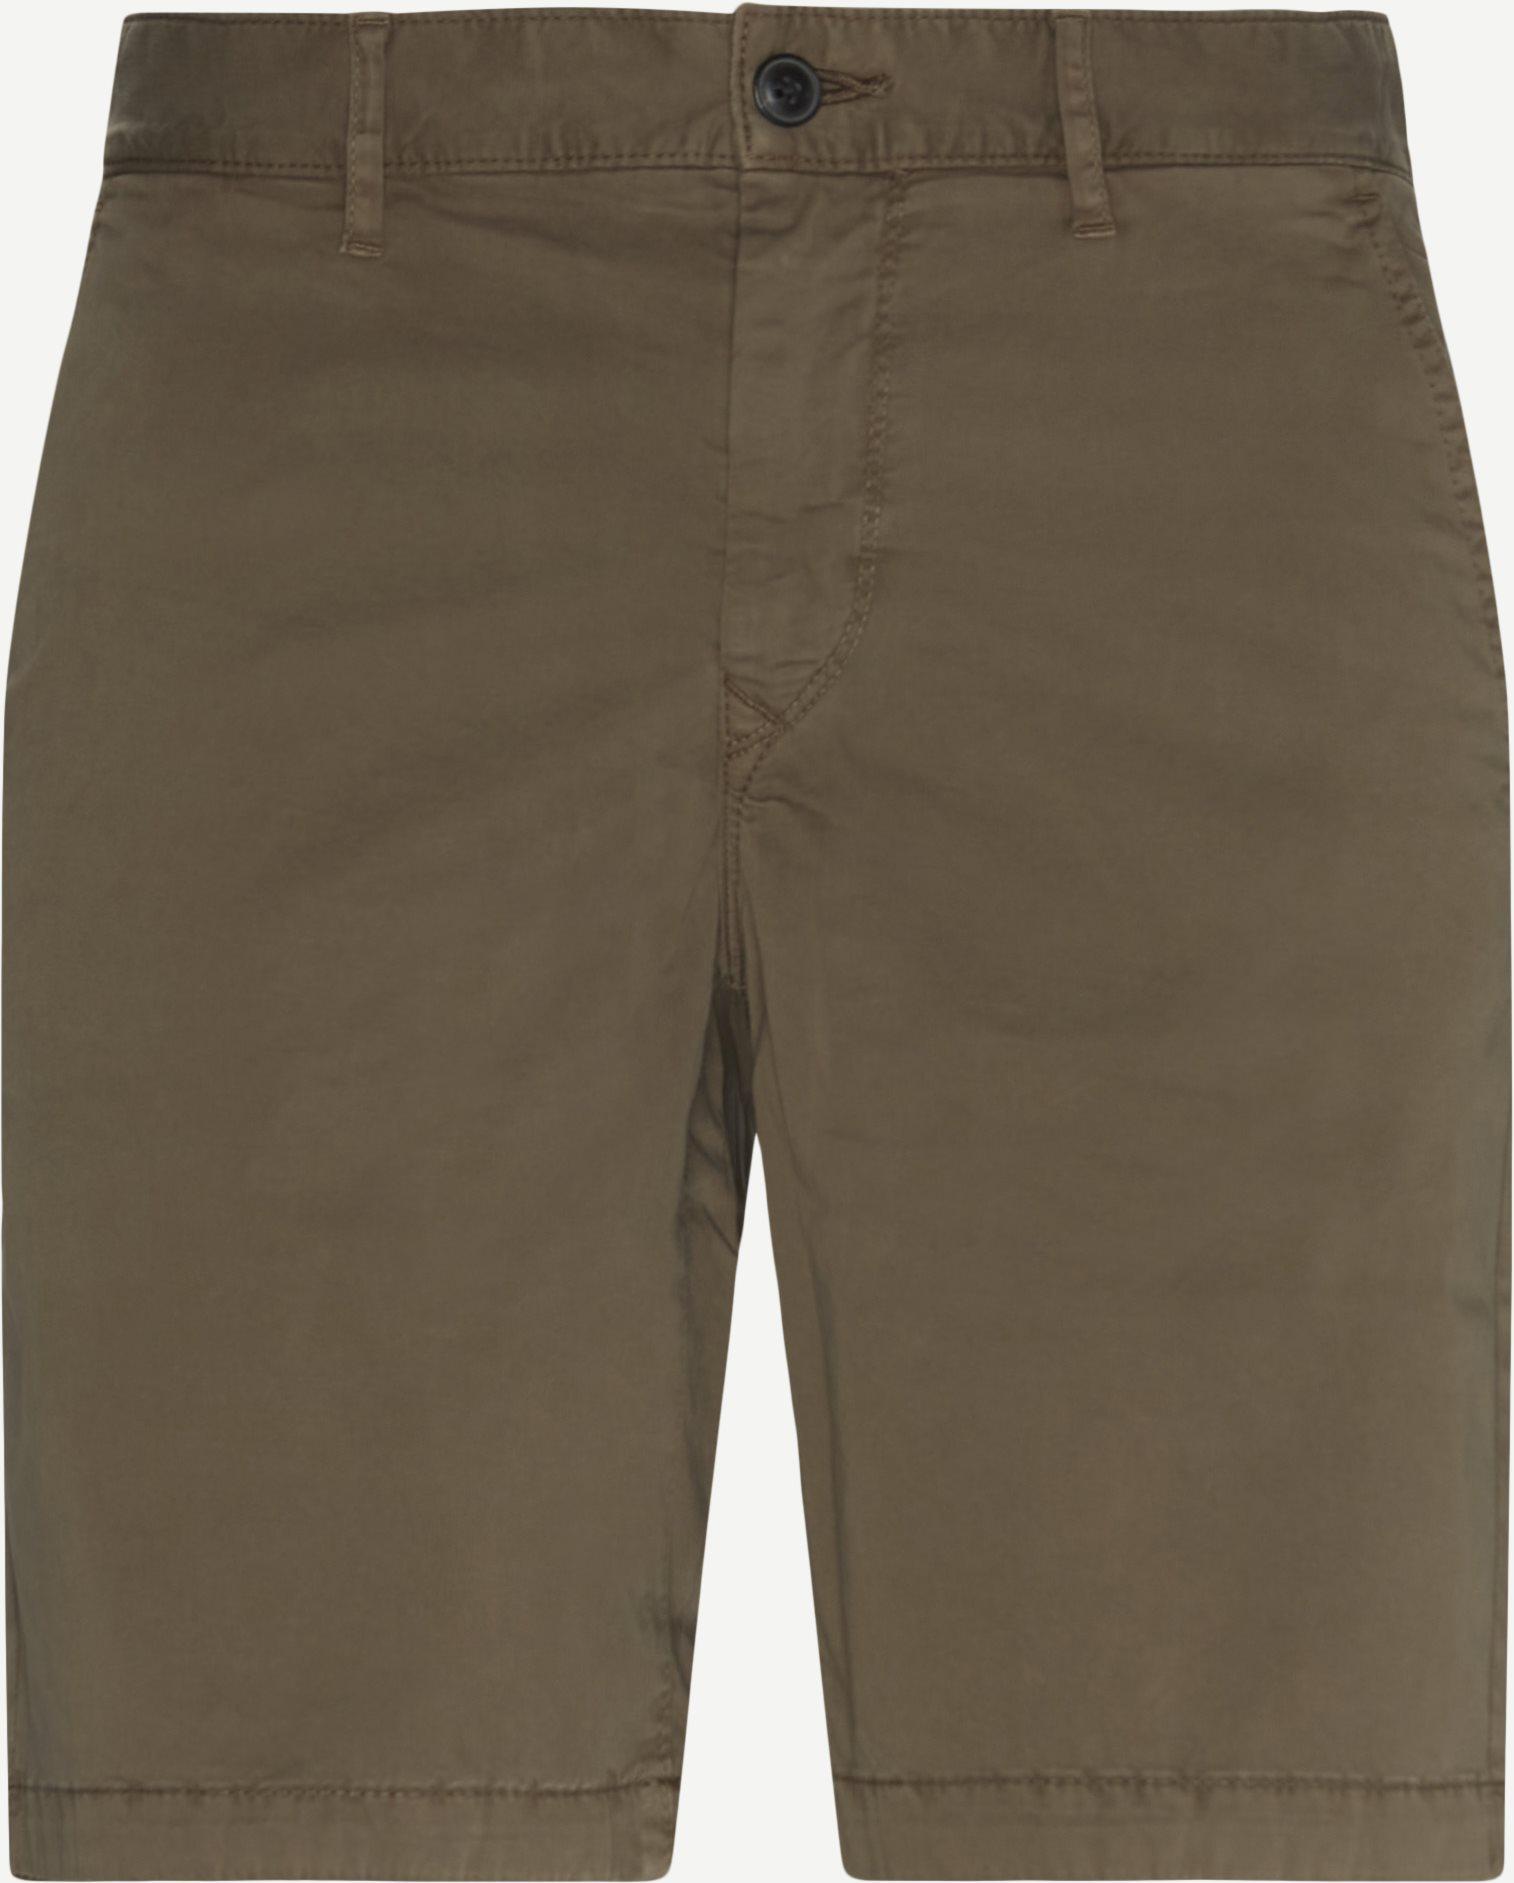 Shorts - Slim fit - Sand